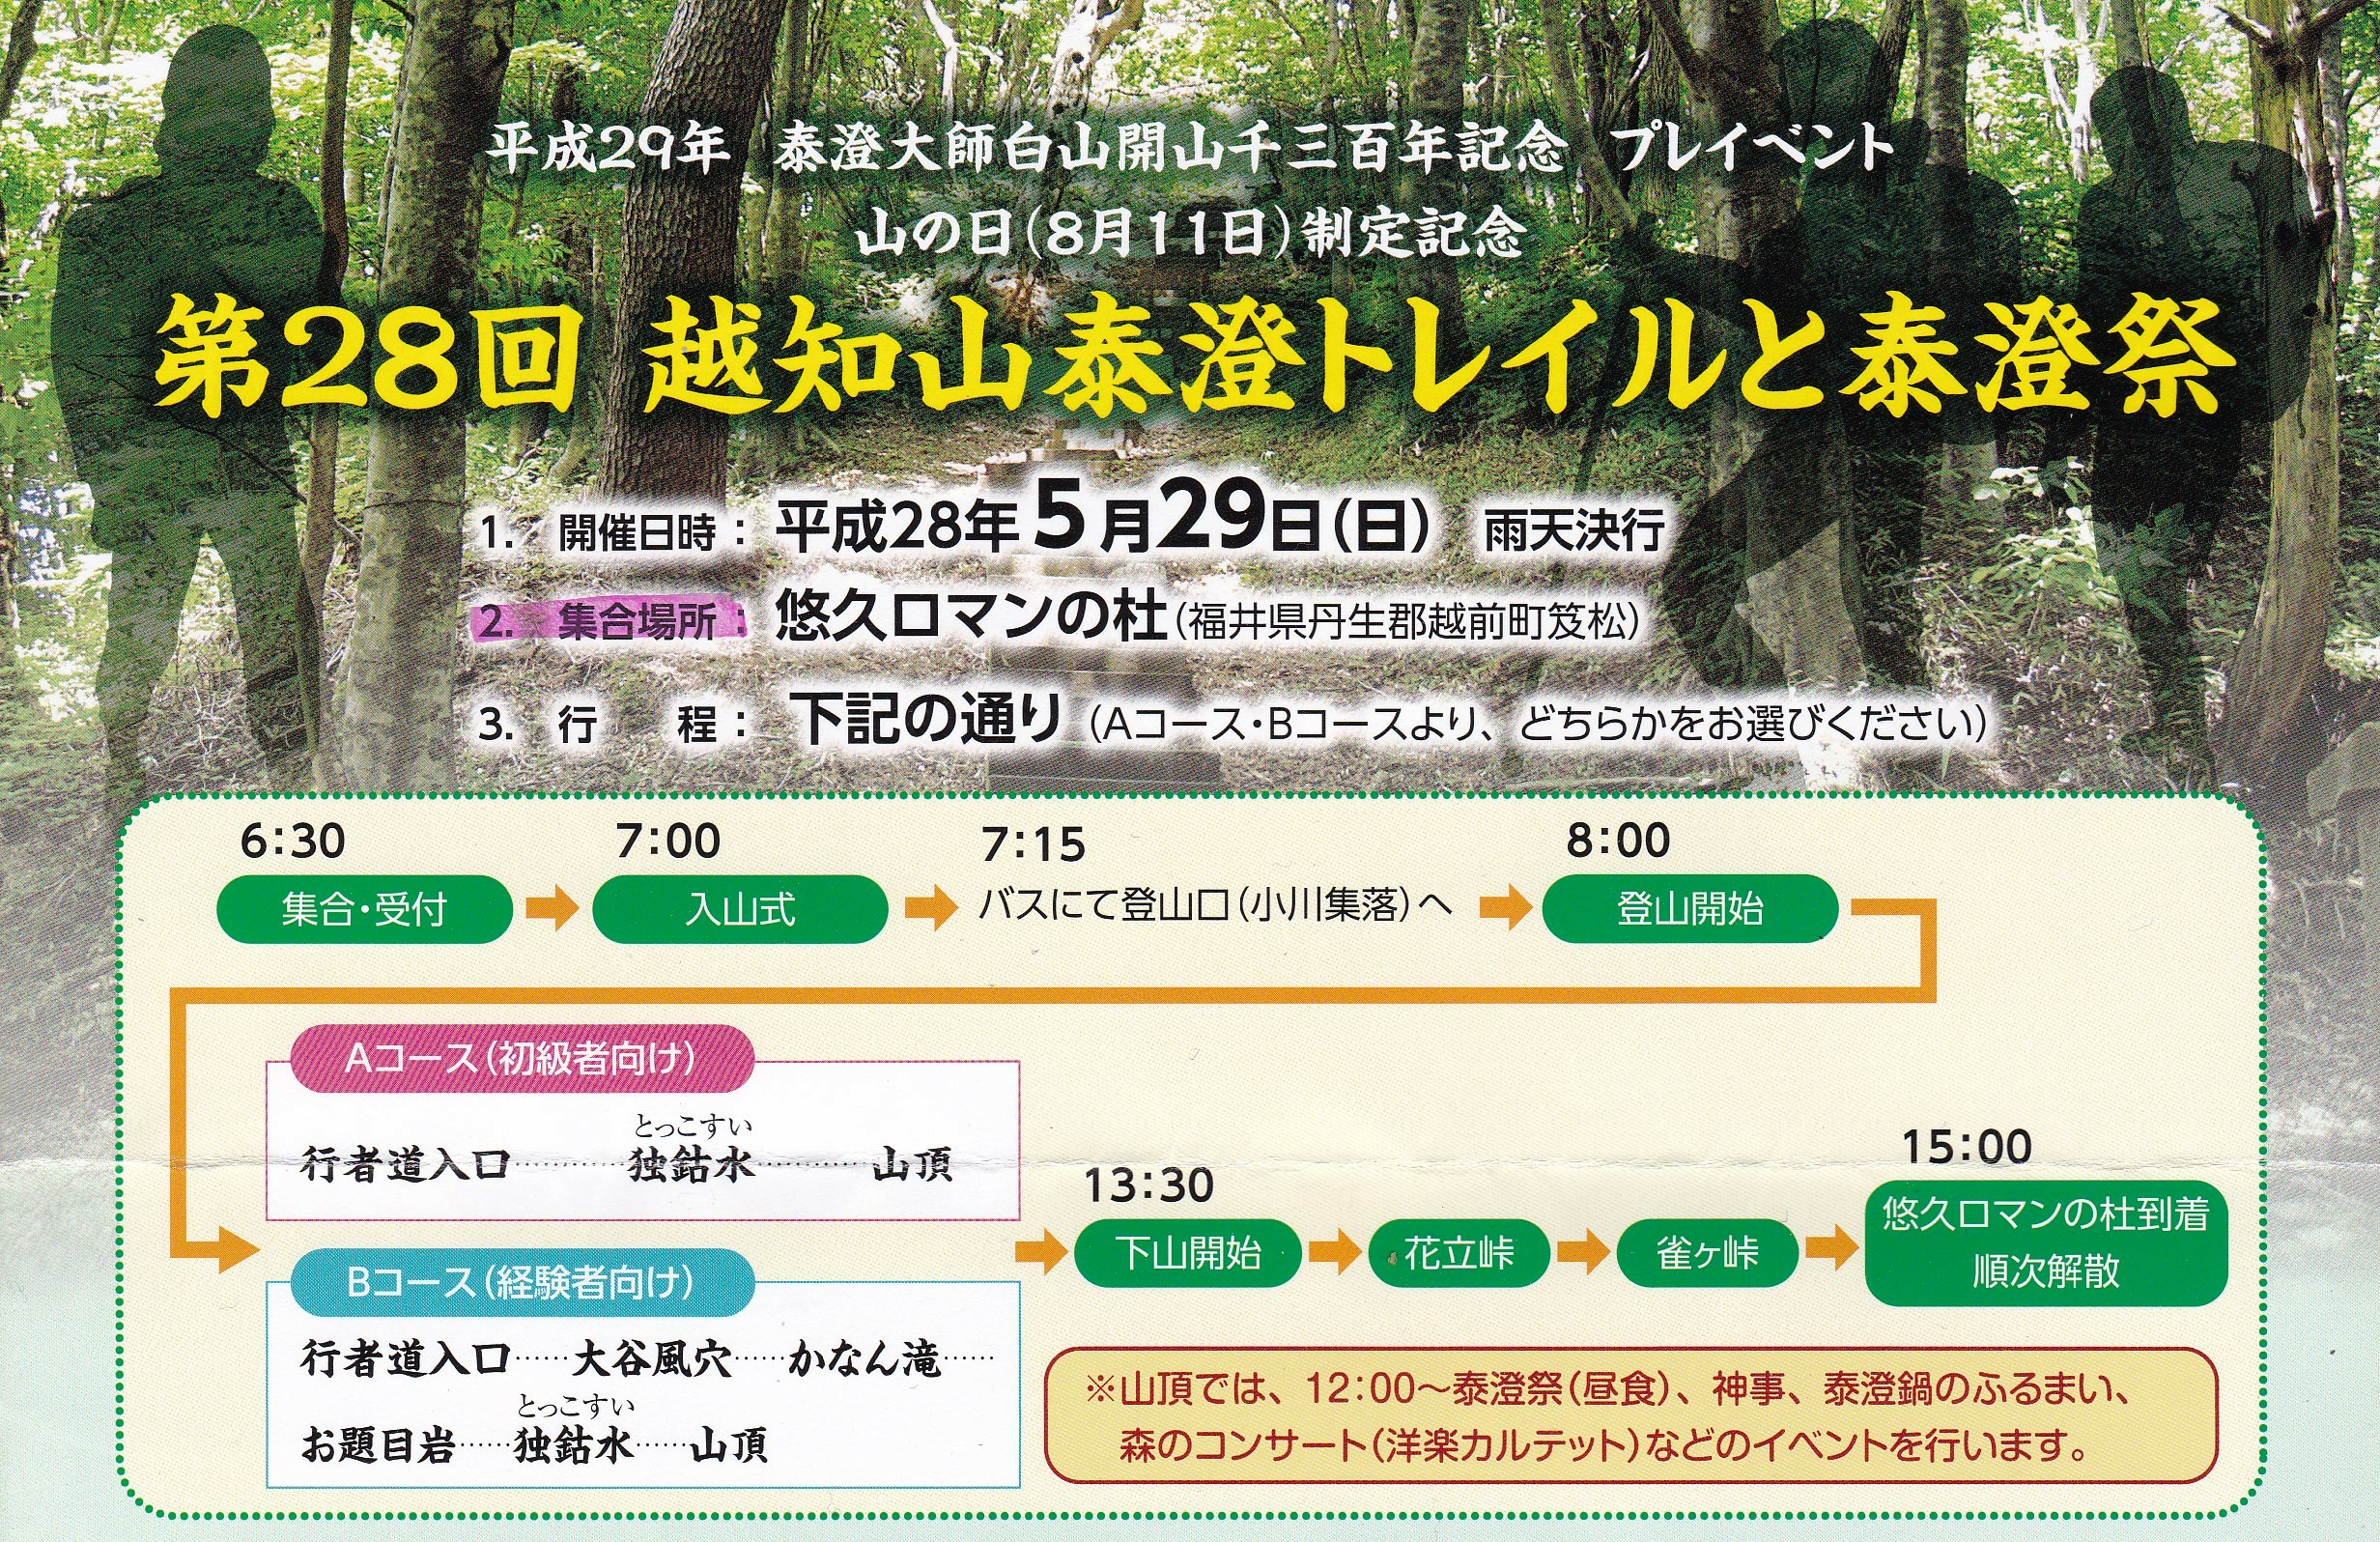 越知山トレイル行程表